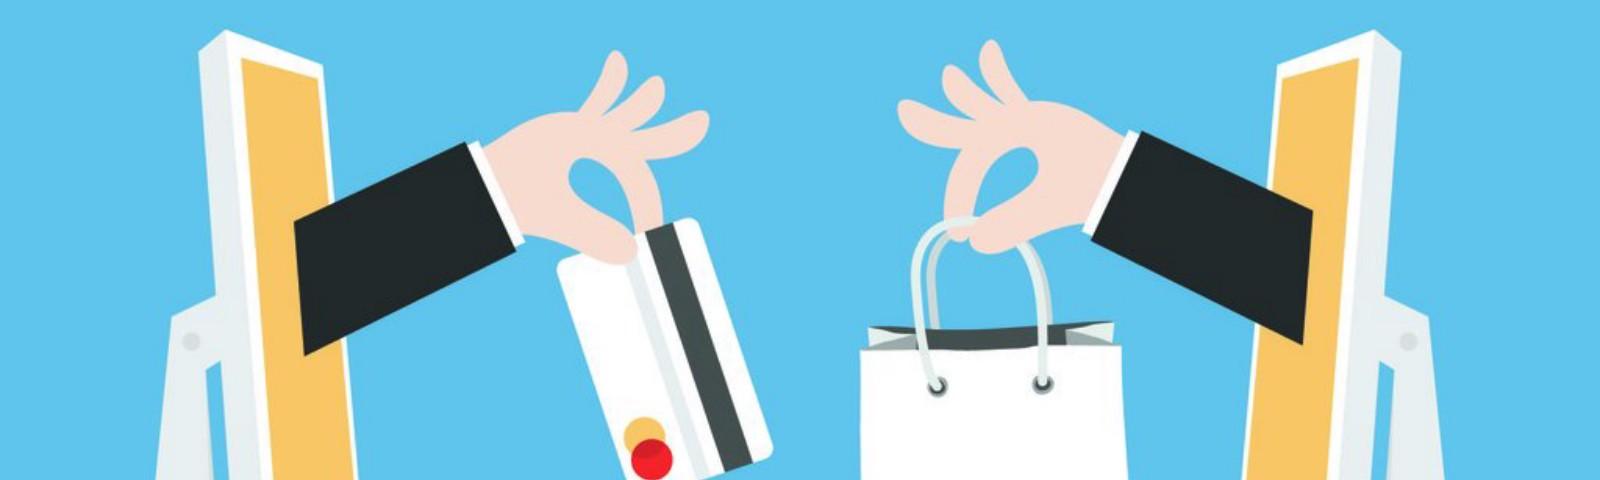 Автоматизируй свой розничный магазин на раз, два, три.